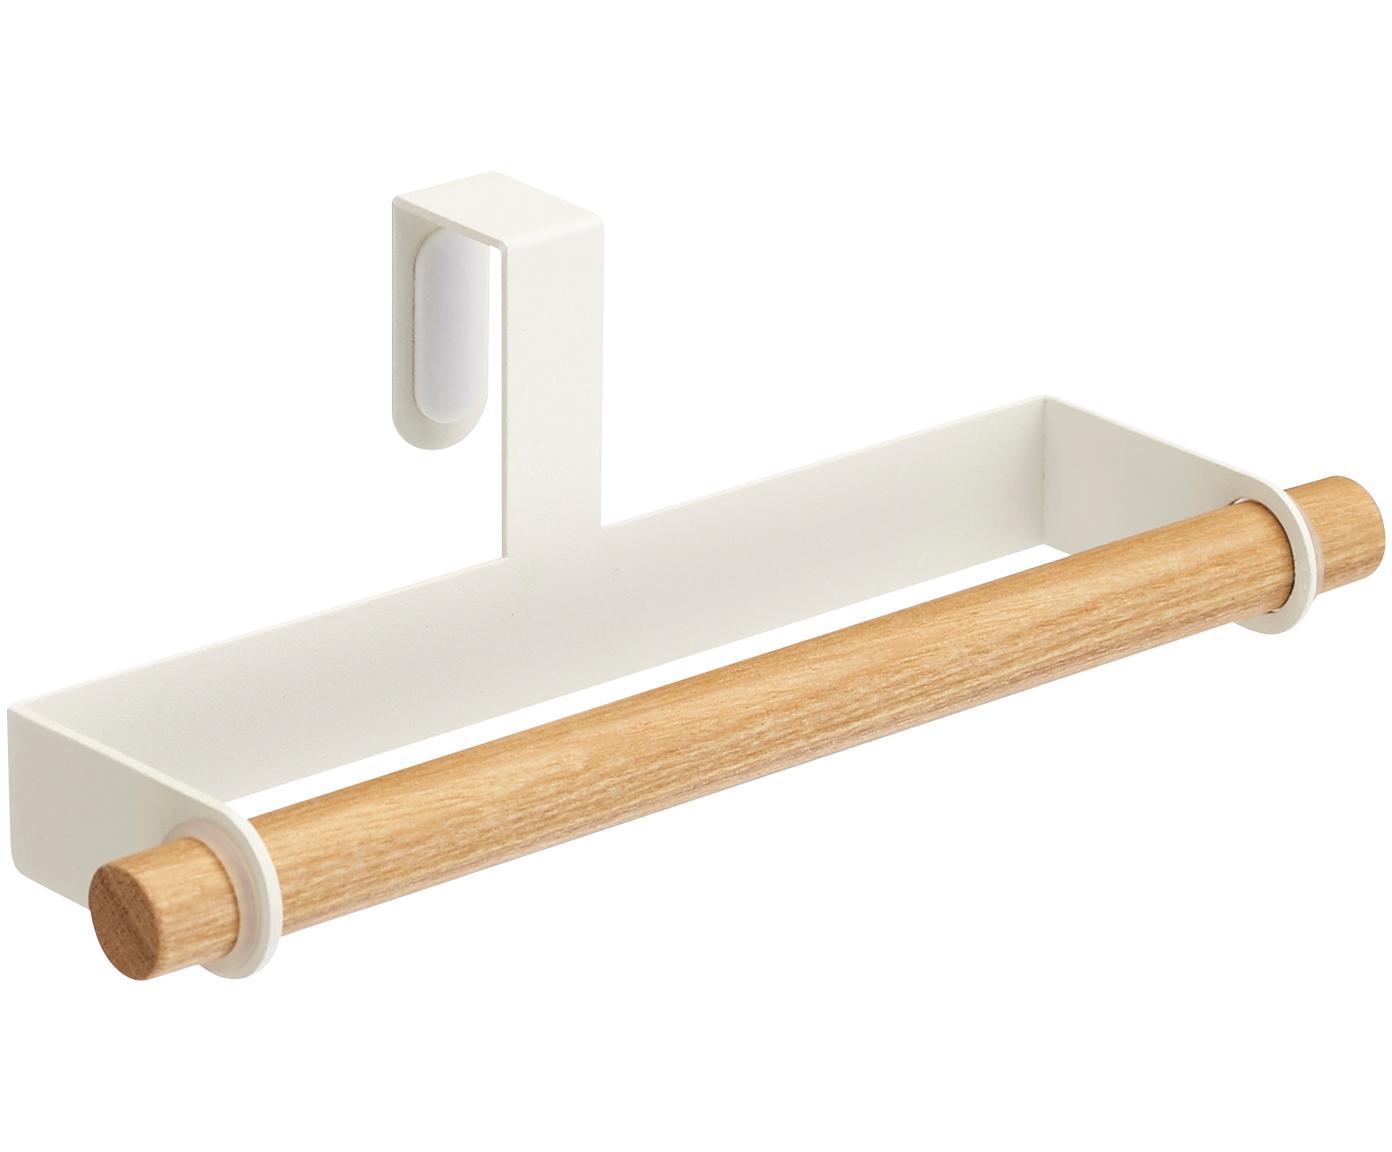 Handdoekenhouder Tosca, Houder: gecoat staal, Stang: hout, Wit, houtkleurig, 19 x 6 cm